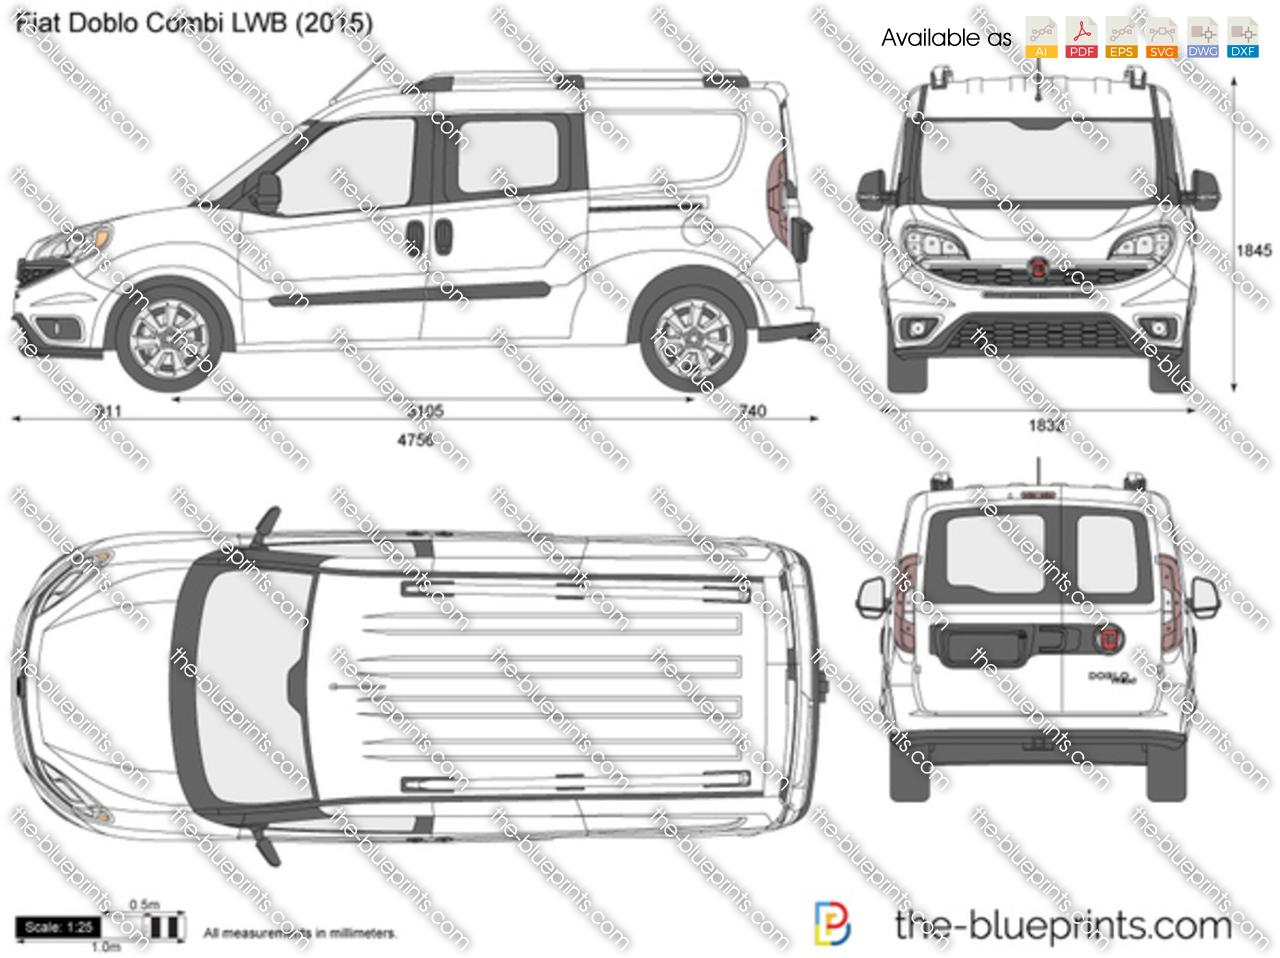 Fiat Doblo LWB Combi Maxi 2016